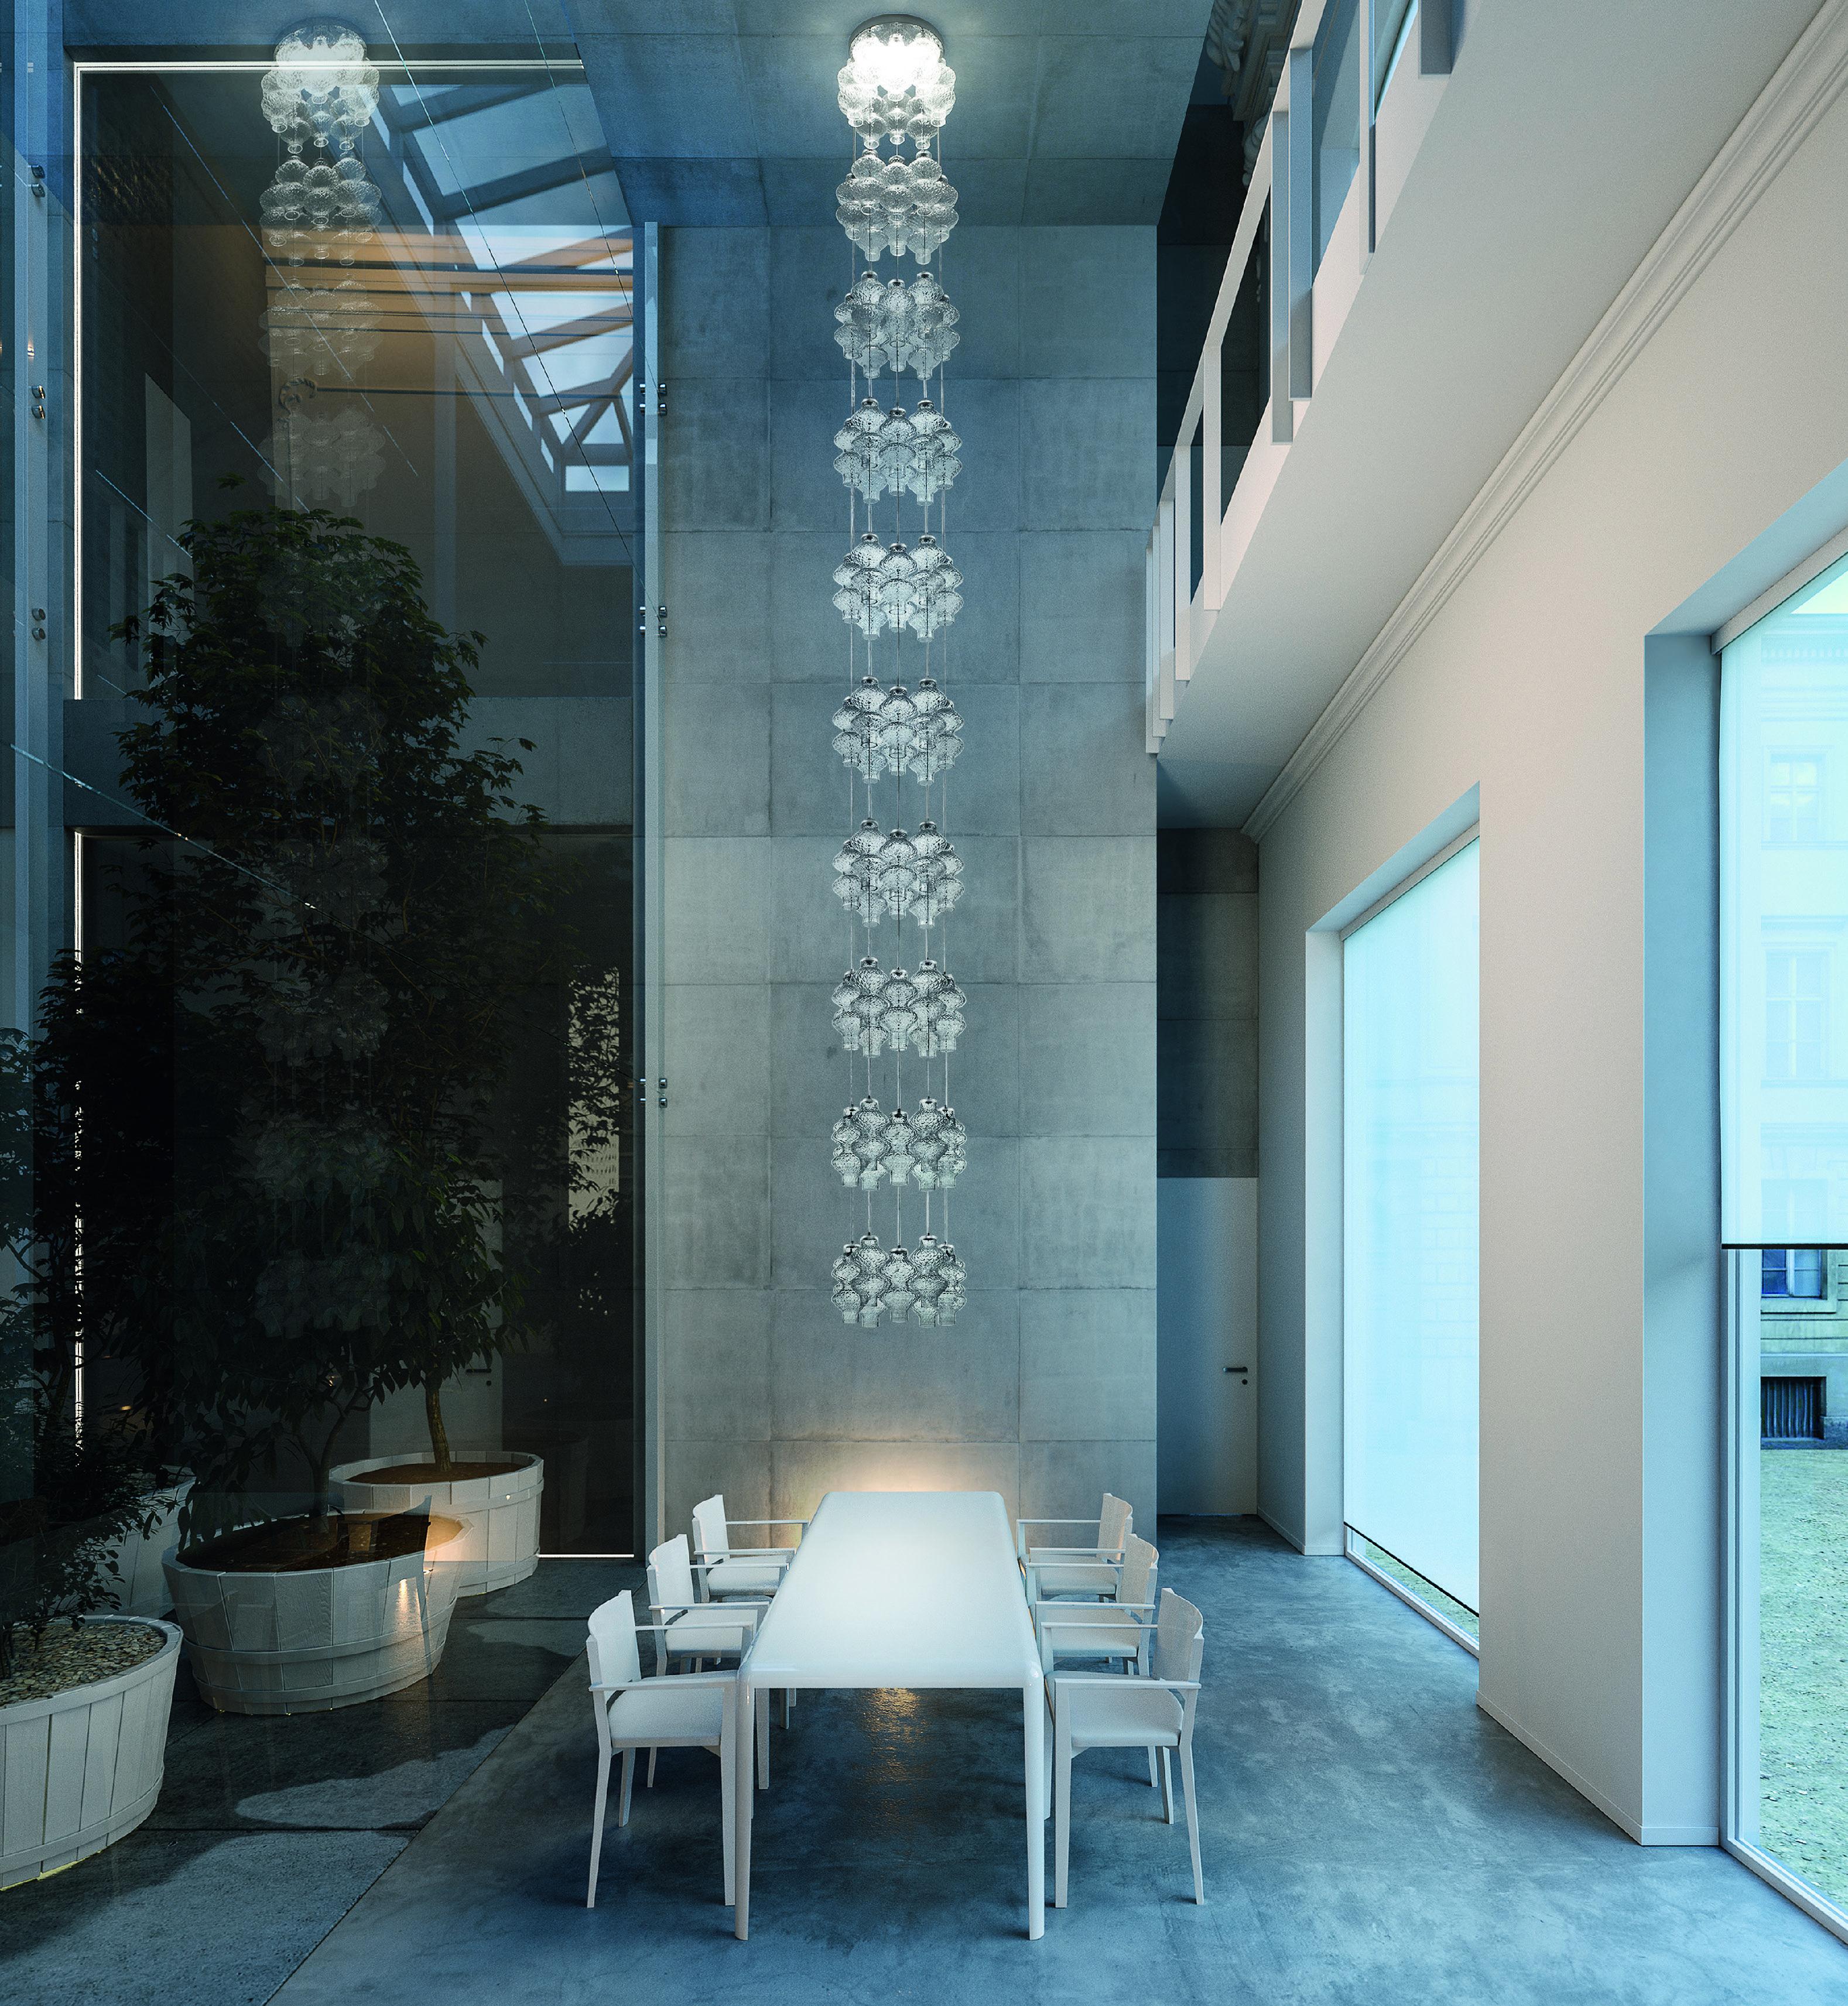 Onda Lampada Da Soffitto Collezione Onda By Federicodemajo Design Federico De Majo Lampade Da Soffitto Lampade Illuminazione